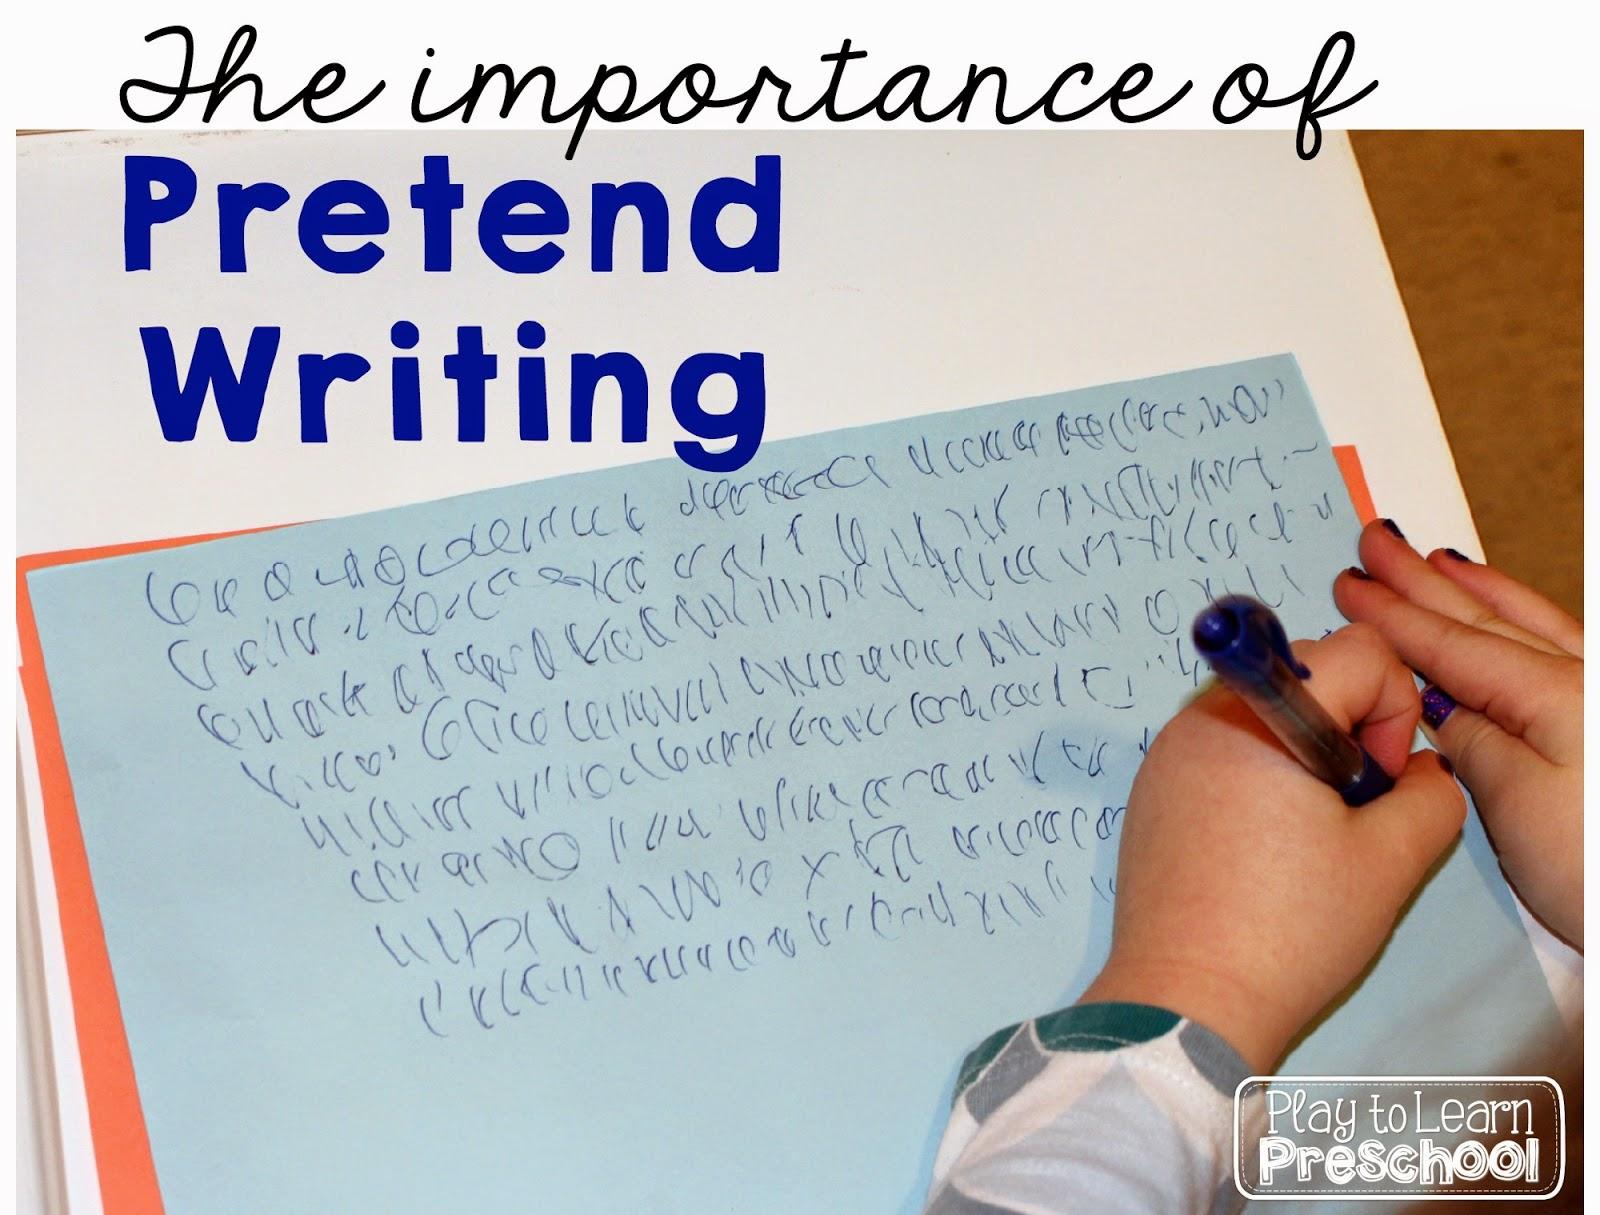 Learn To Write Preschool